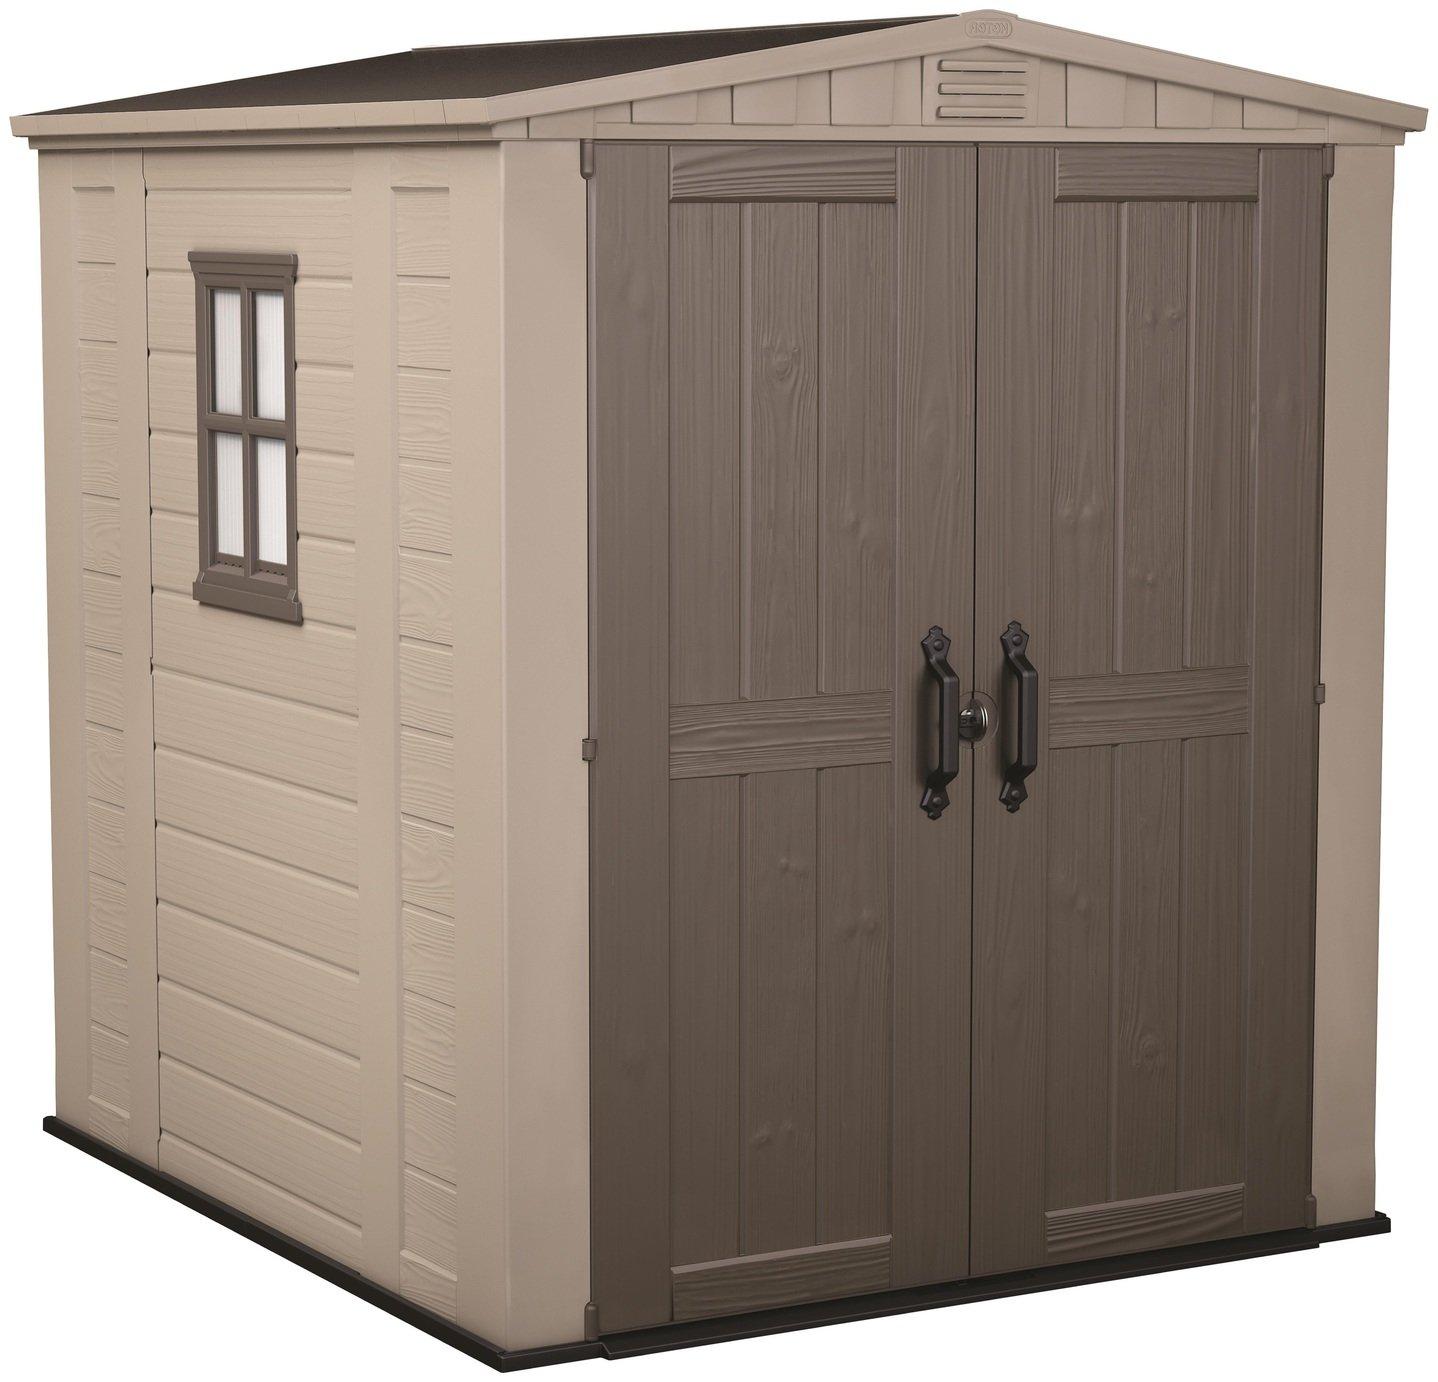 Keter Factor Apex Garden Storage Shed 6 x 6ft – Beige/Brown